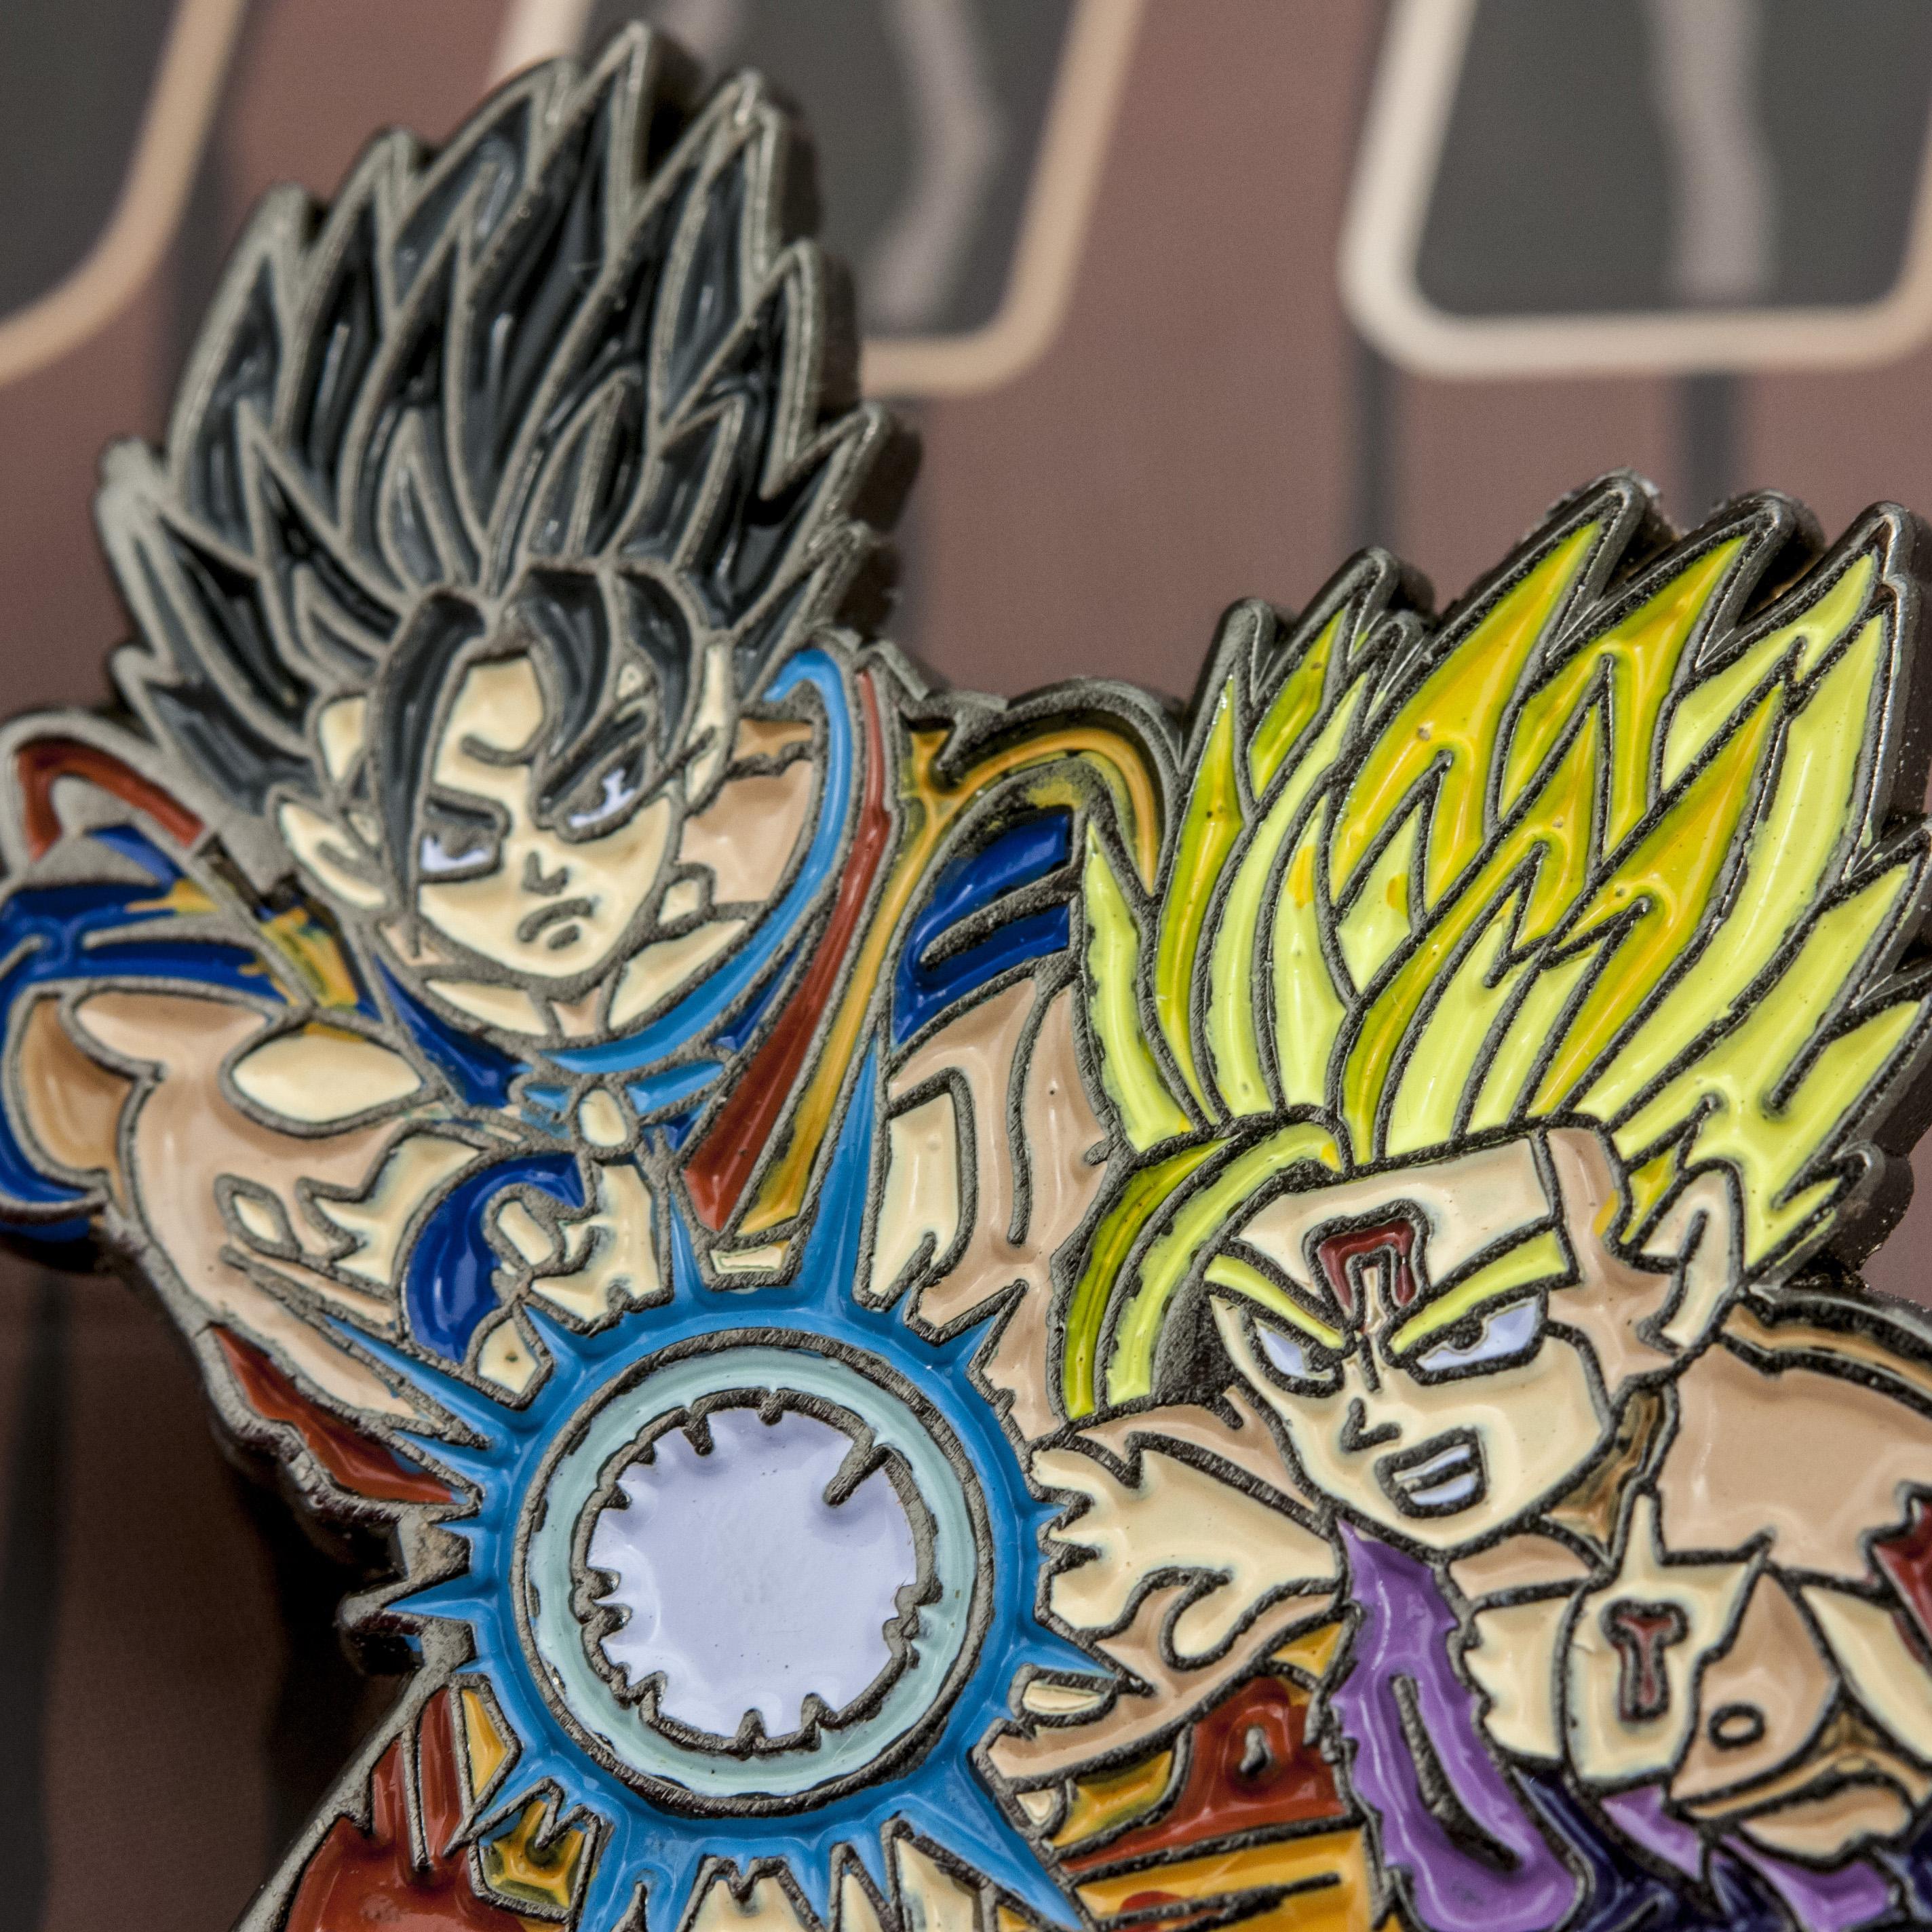 c1e01a99 Dragon Ball Z - Father & Son Kamehameha Pin (Original) on Storenvy